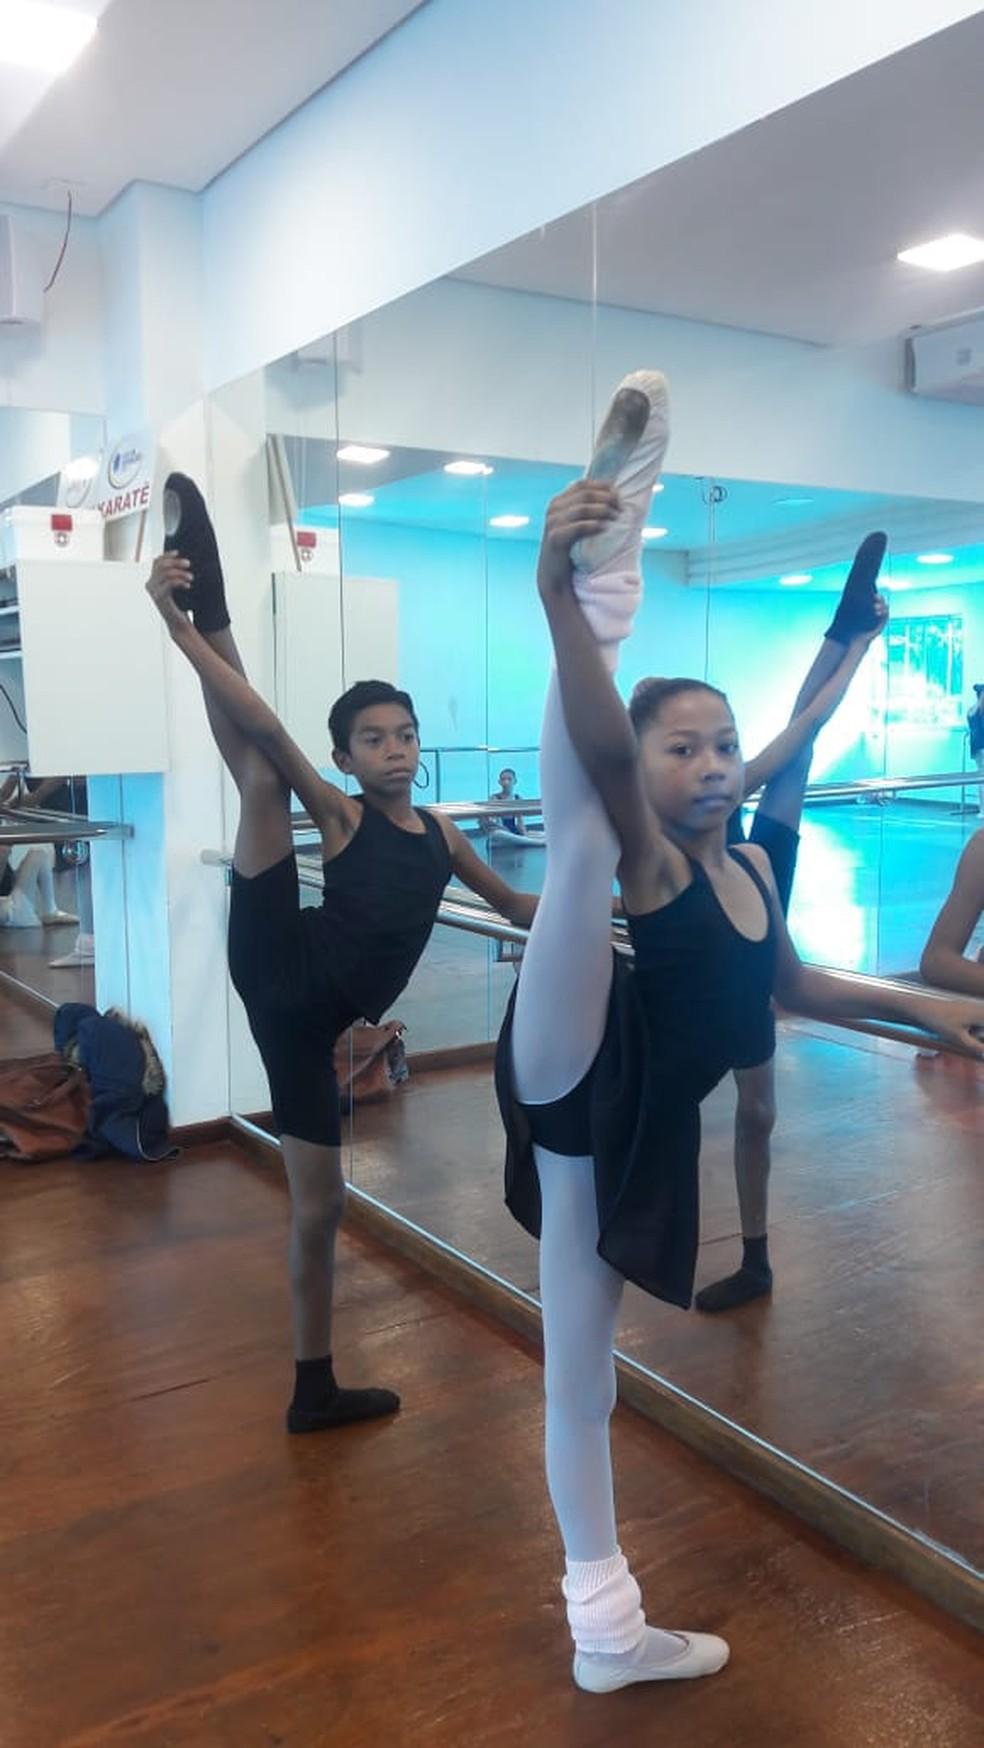 Emanoel, de Campo Grande (MS) treinou por 1 ano em escola pública e passou na seletiva do Bolshoi com 11 anos. — Foto: Arquivo pessoal